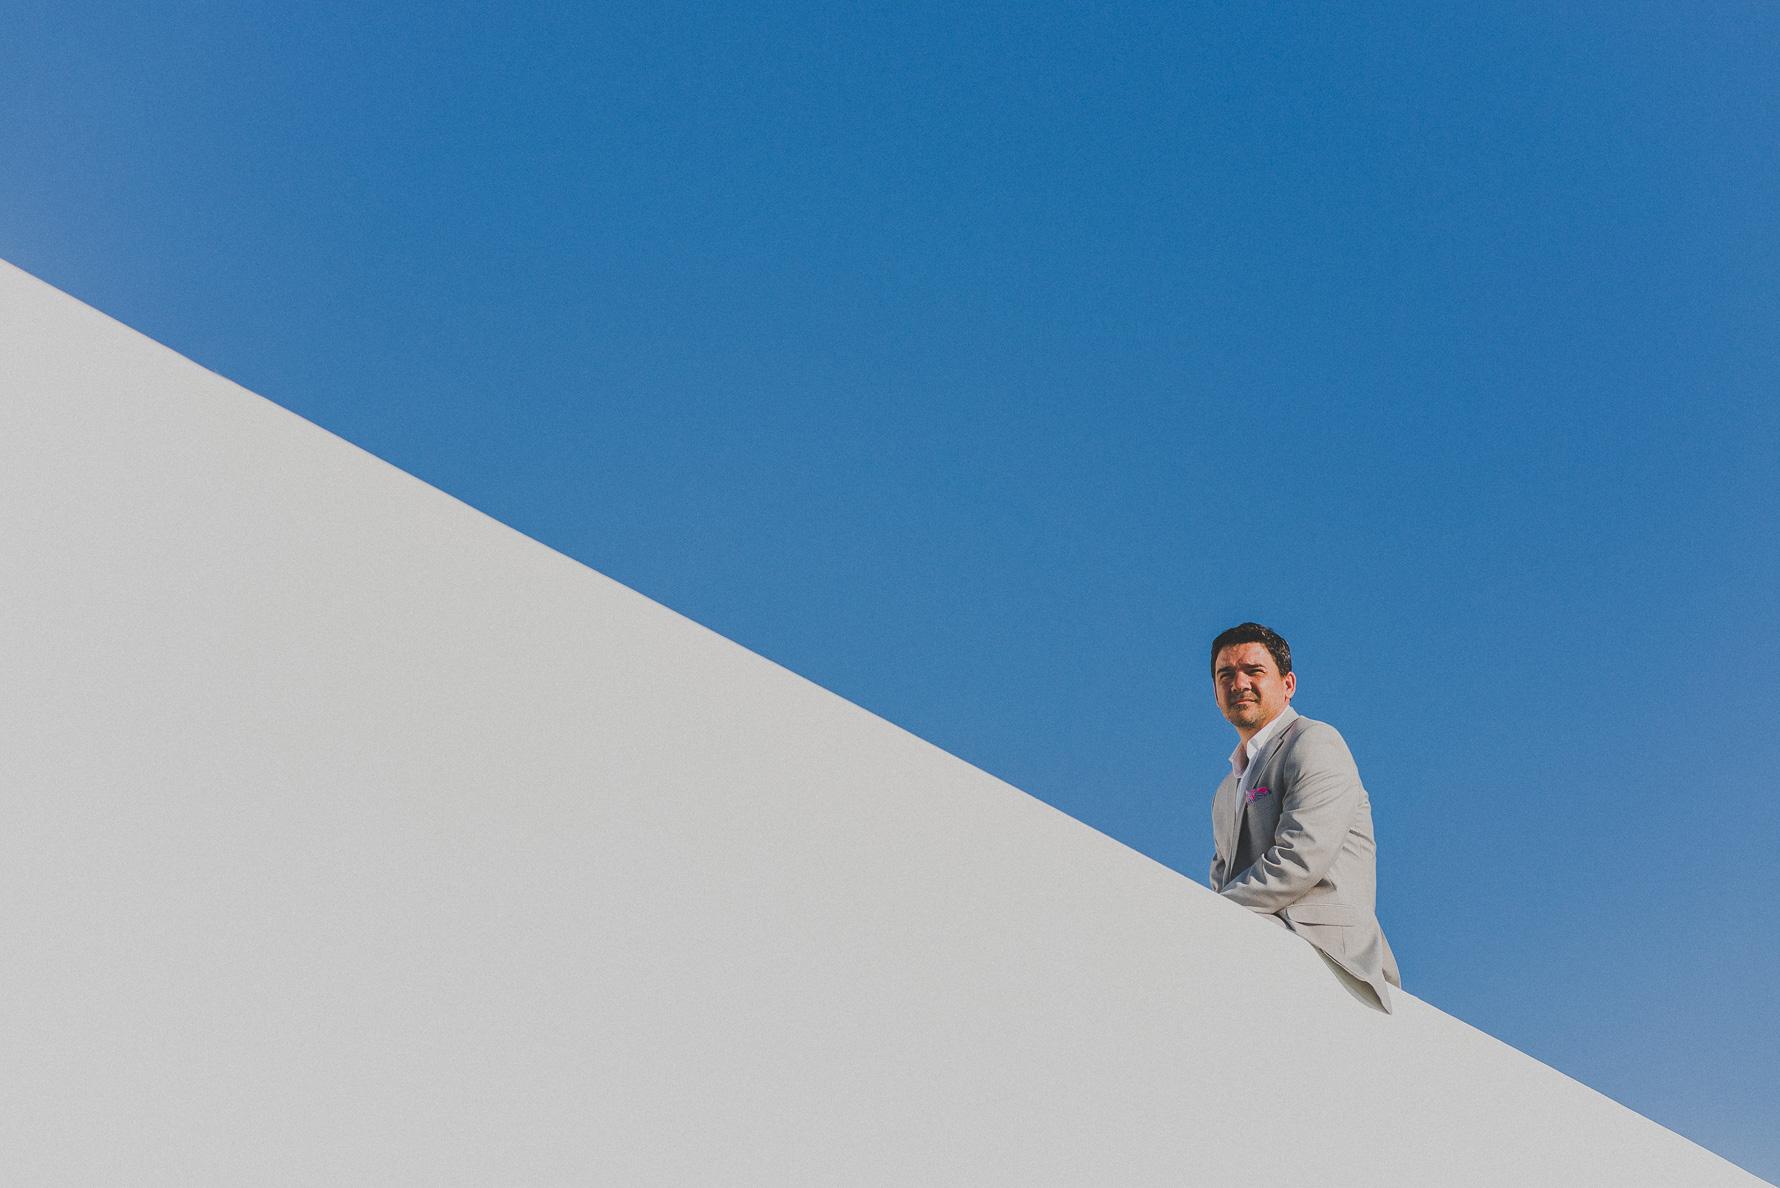 wedding-in-santorini-grace-hotels-imerovigli-livio-lacurre-photographer